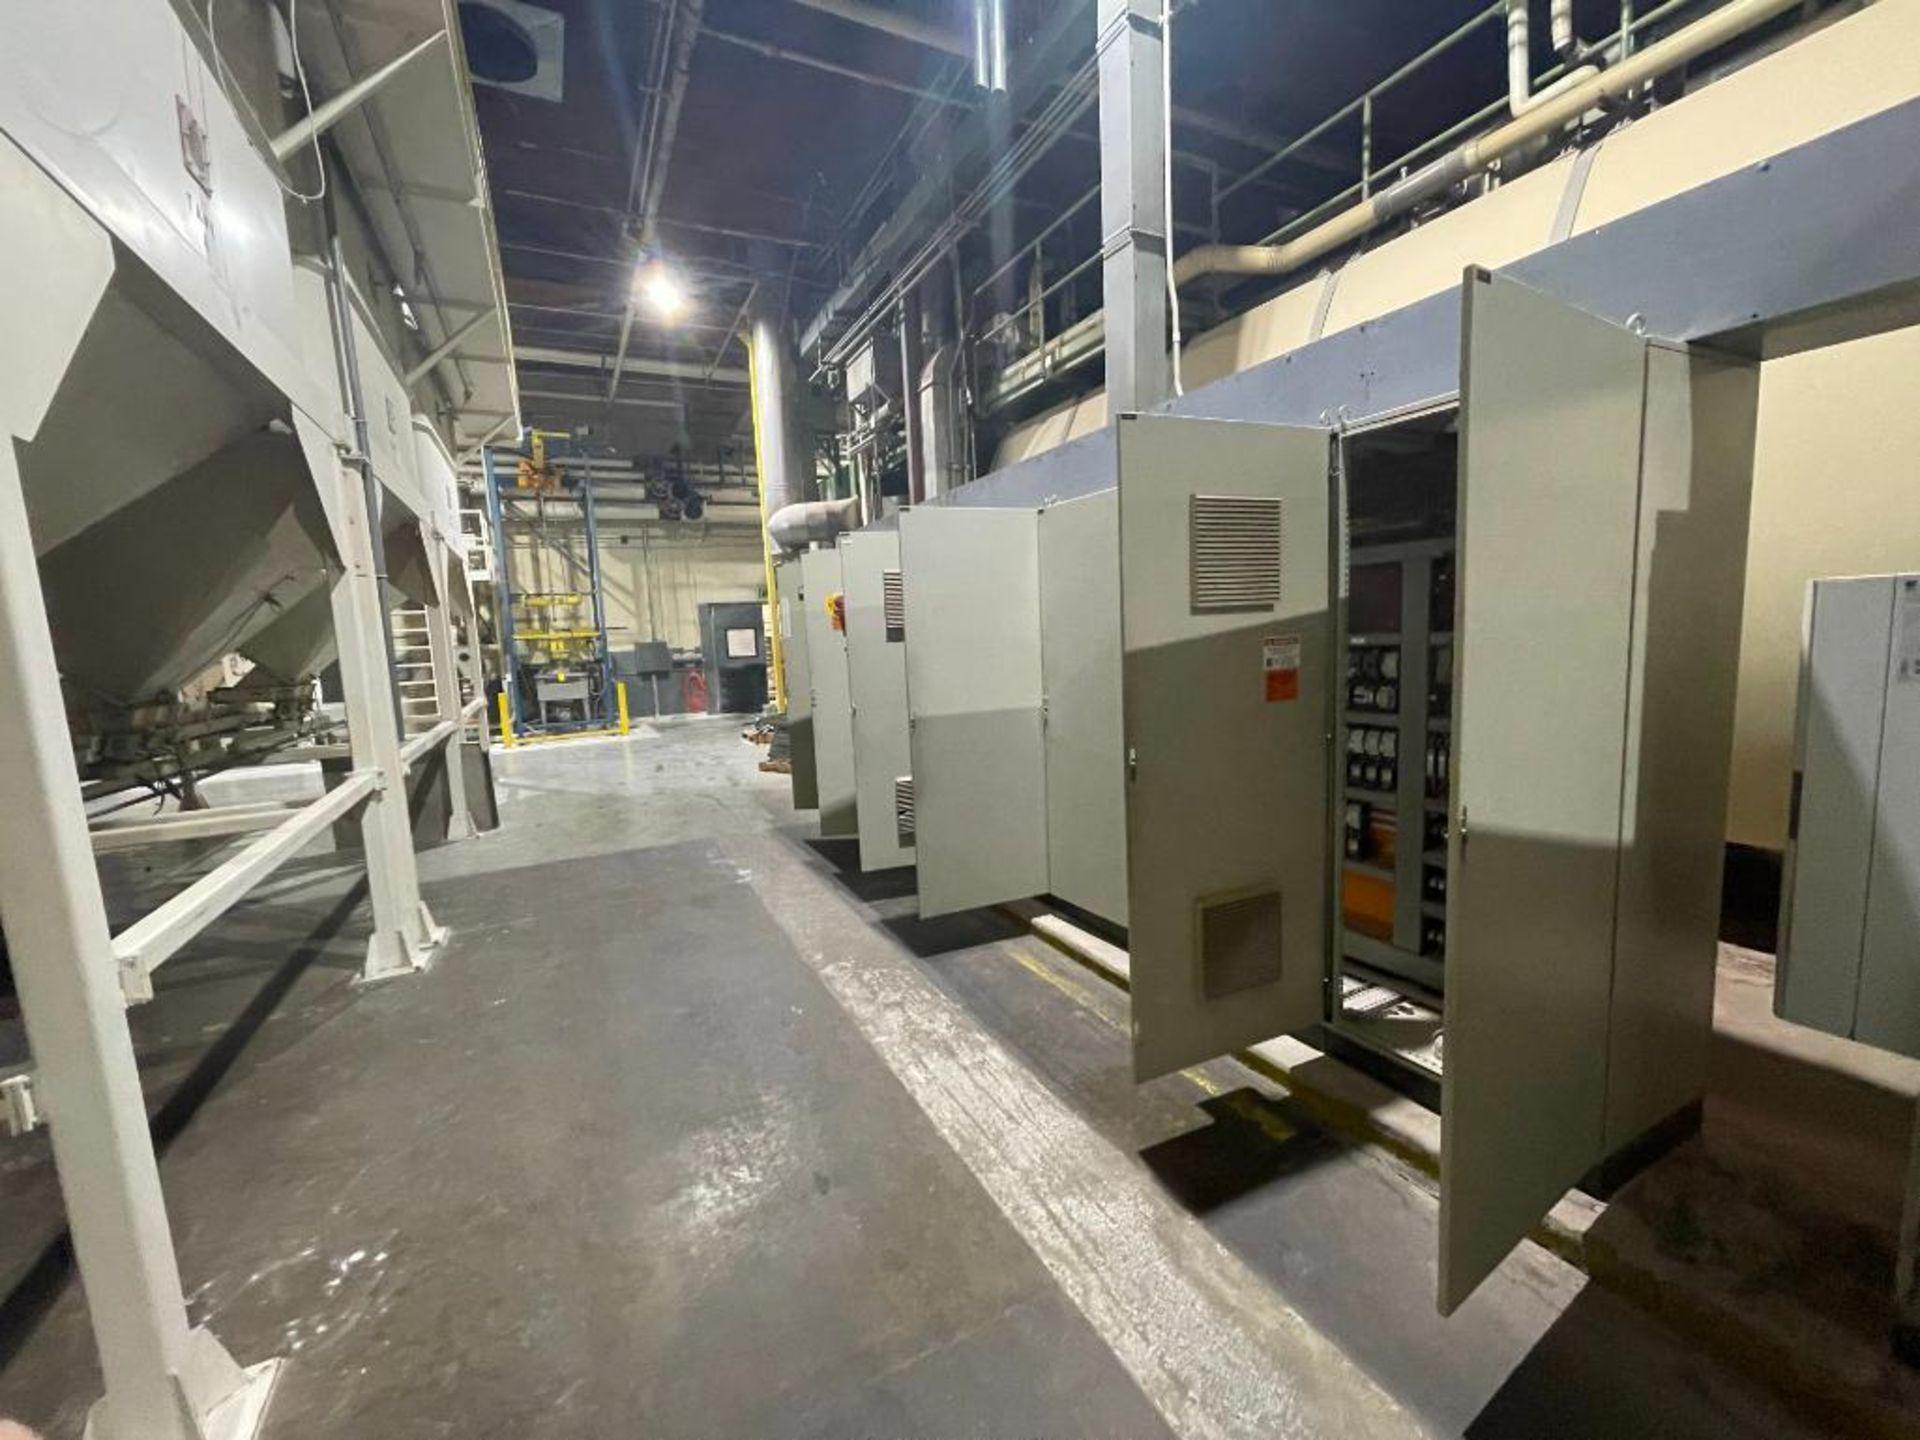 7-door mild steel air conditioned control cabinet, 5-VFD's - Image 43 of 43